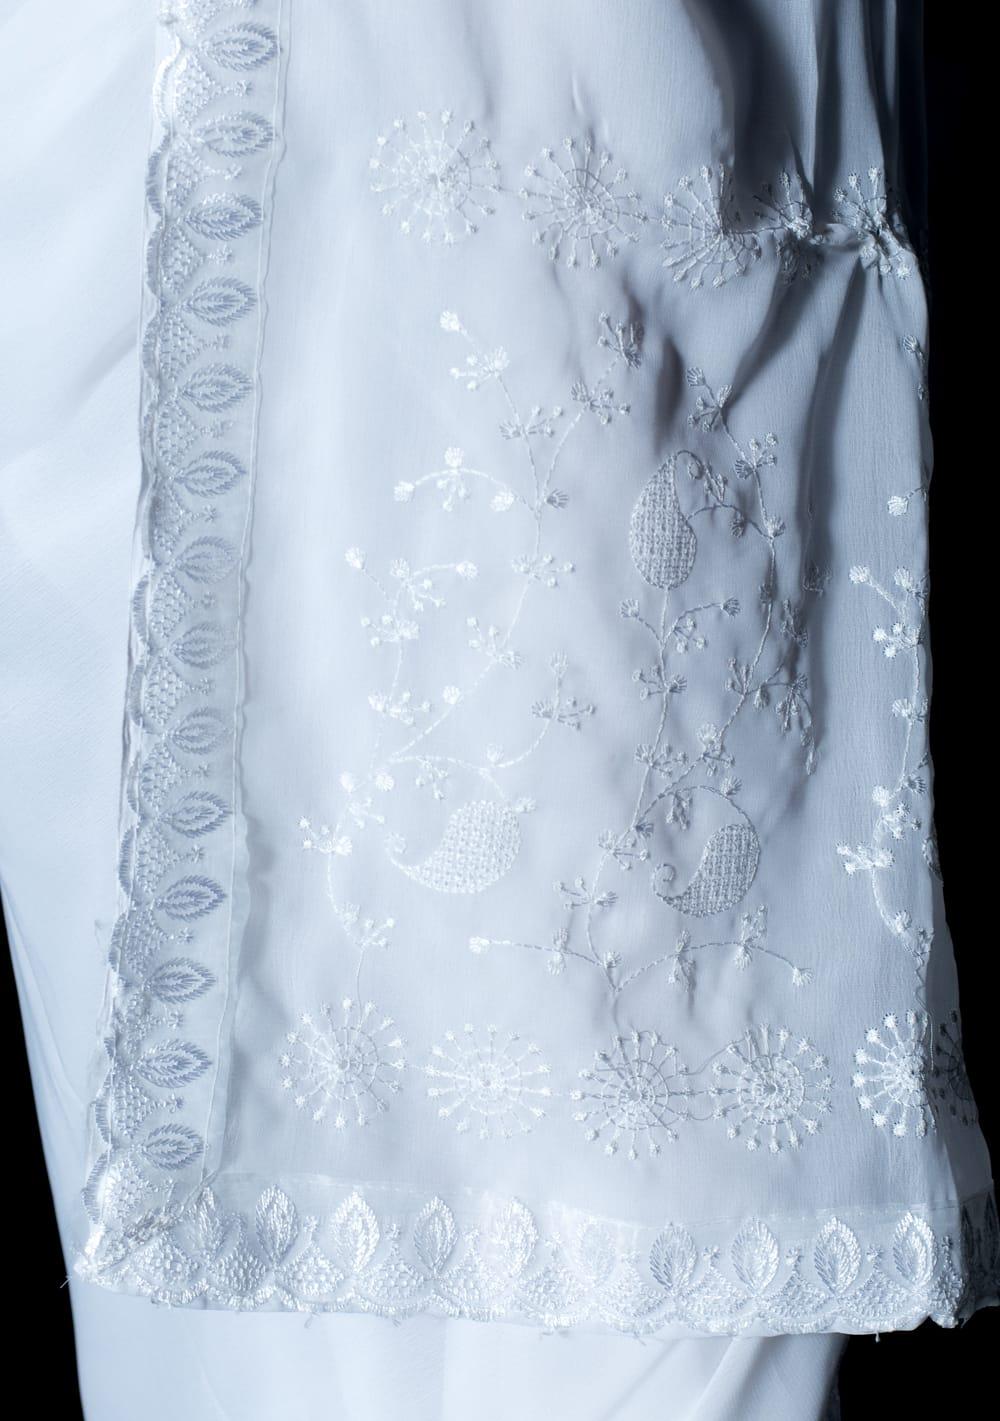 インドのホワイトサリー【更紗・伝統柄刺繍】 7 - 別の角度からの写真です